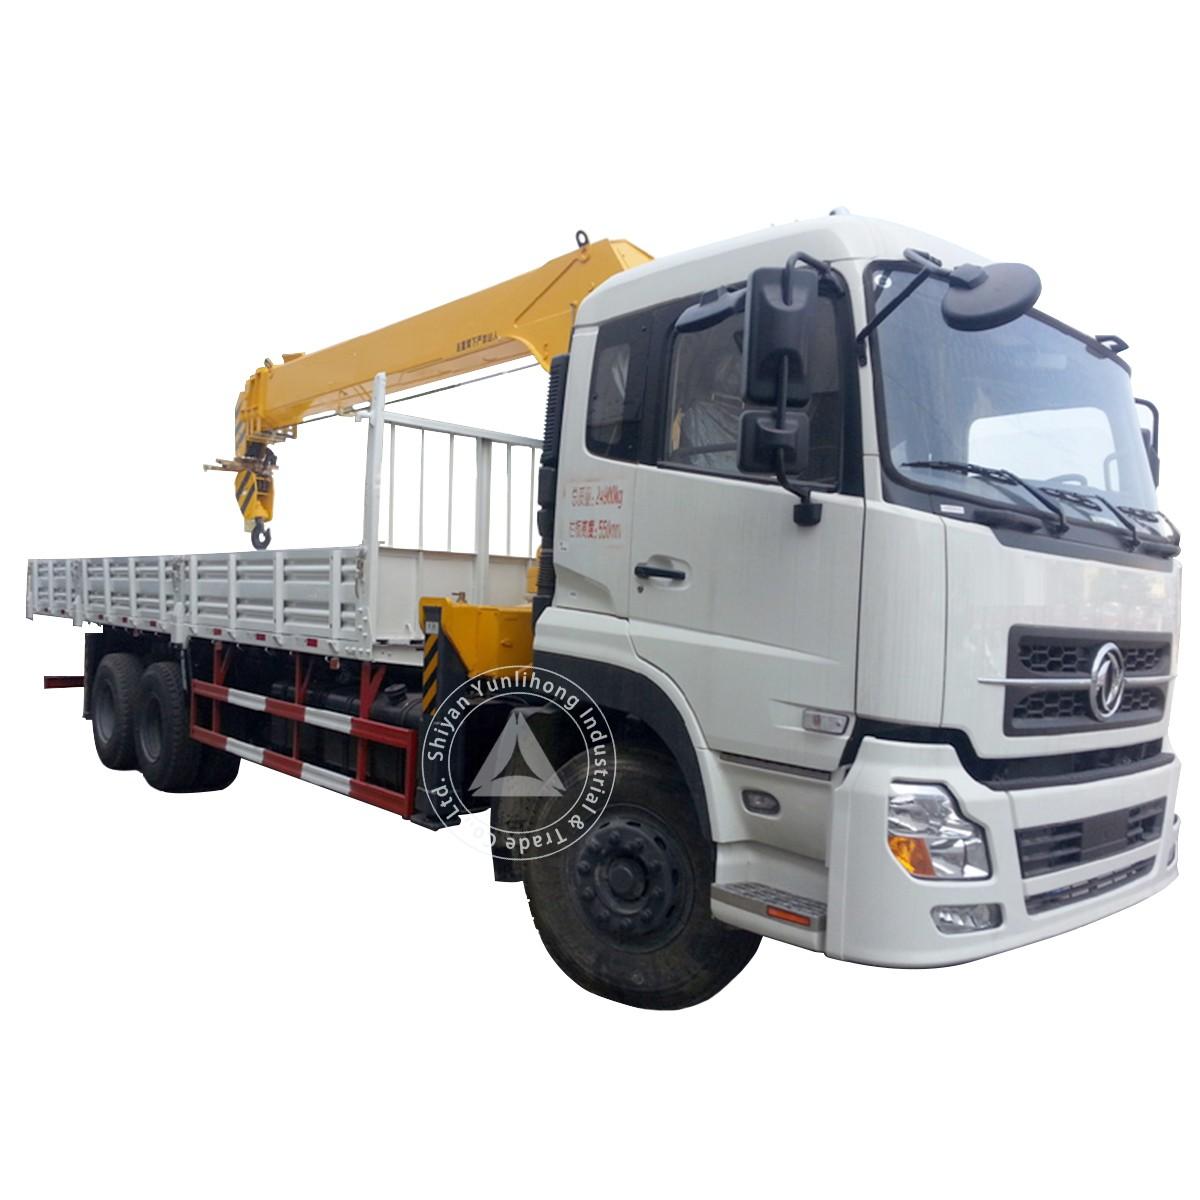 Dongfeng KC 6x4 GVW Camión de 27 toneladas con grúa de 9 a 12 toneladas